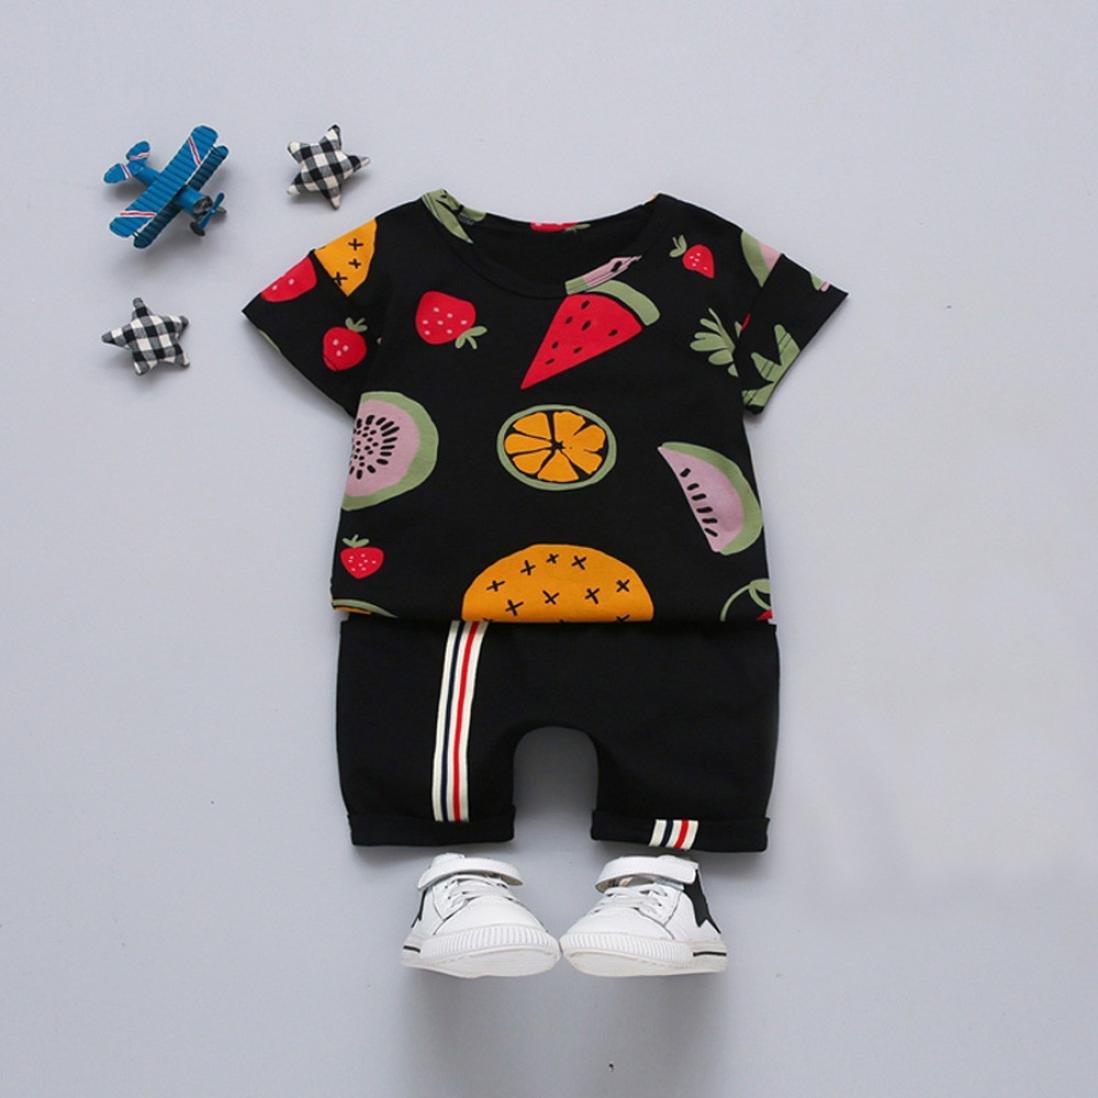 7448b1f28 Amazon.com  Dinlong 2Pcs Infant Baby Boys Clothes Fruit Print T ...